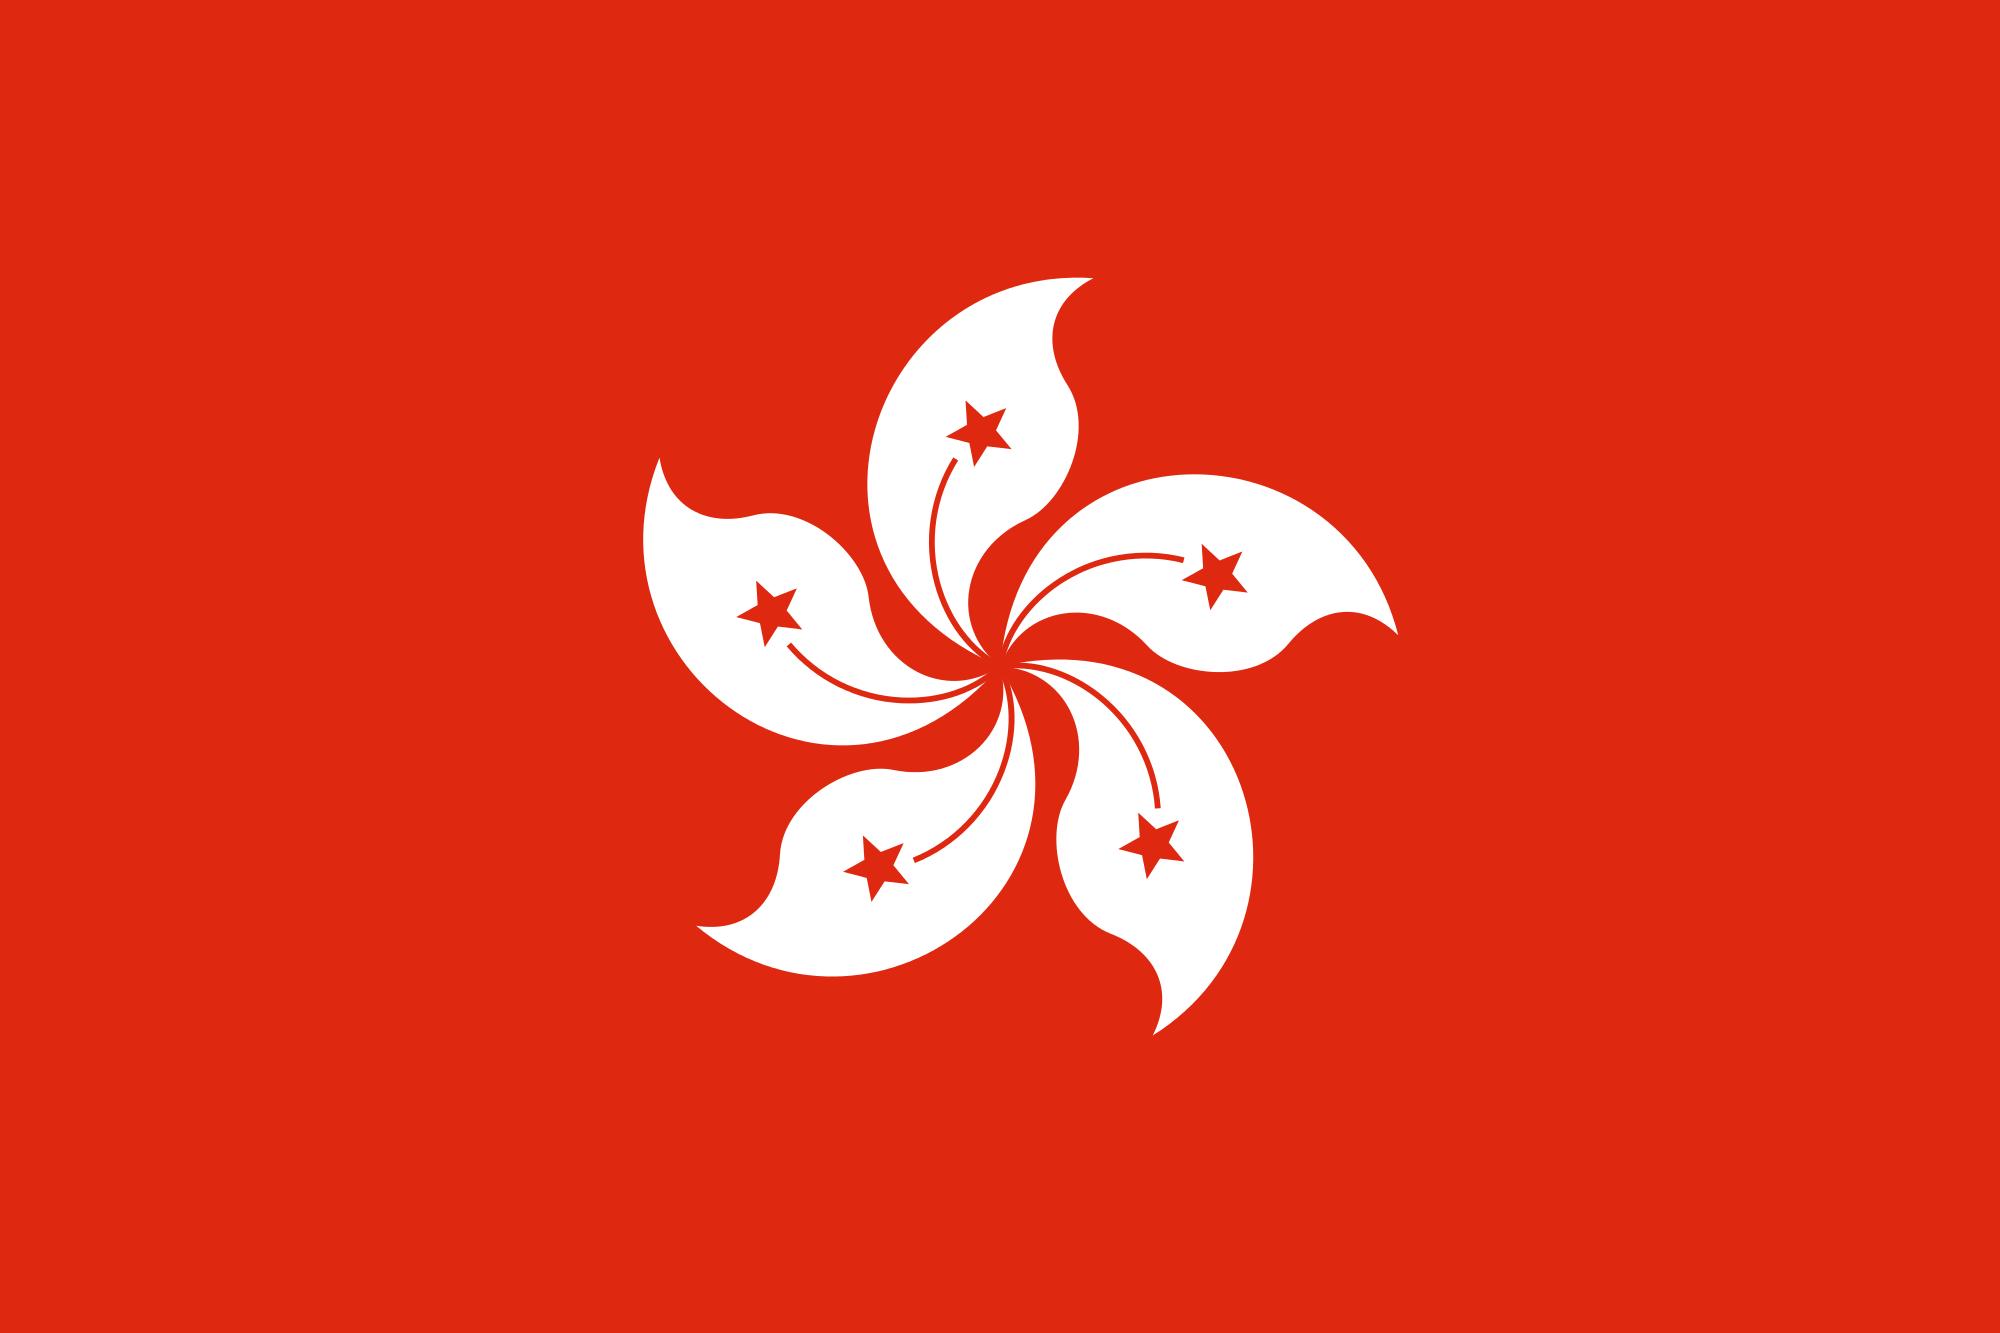 hong kong, Land, Emblem, Logo, Symbol - Wallpaper HD - Prof.-falken.com